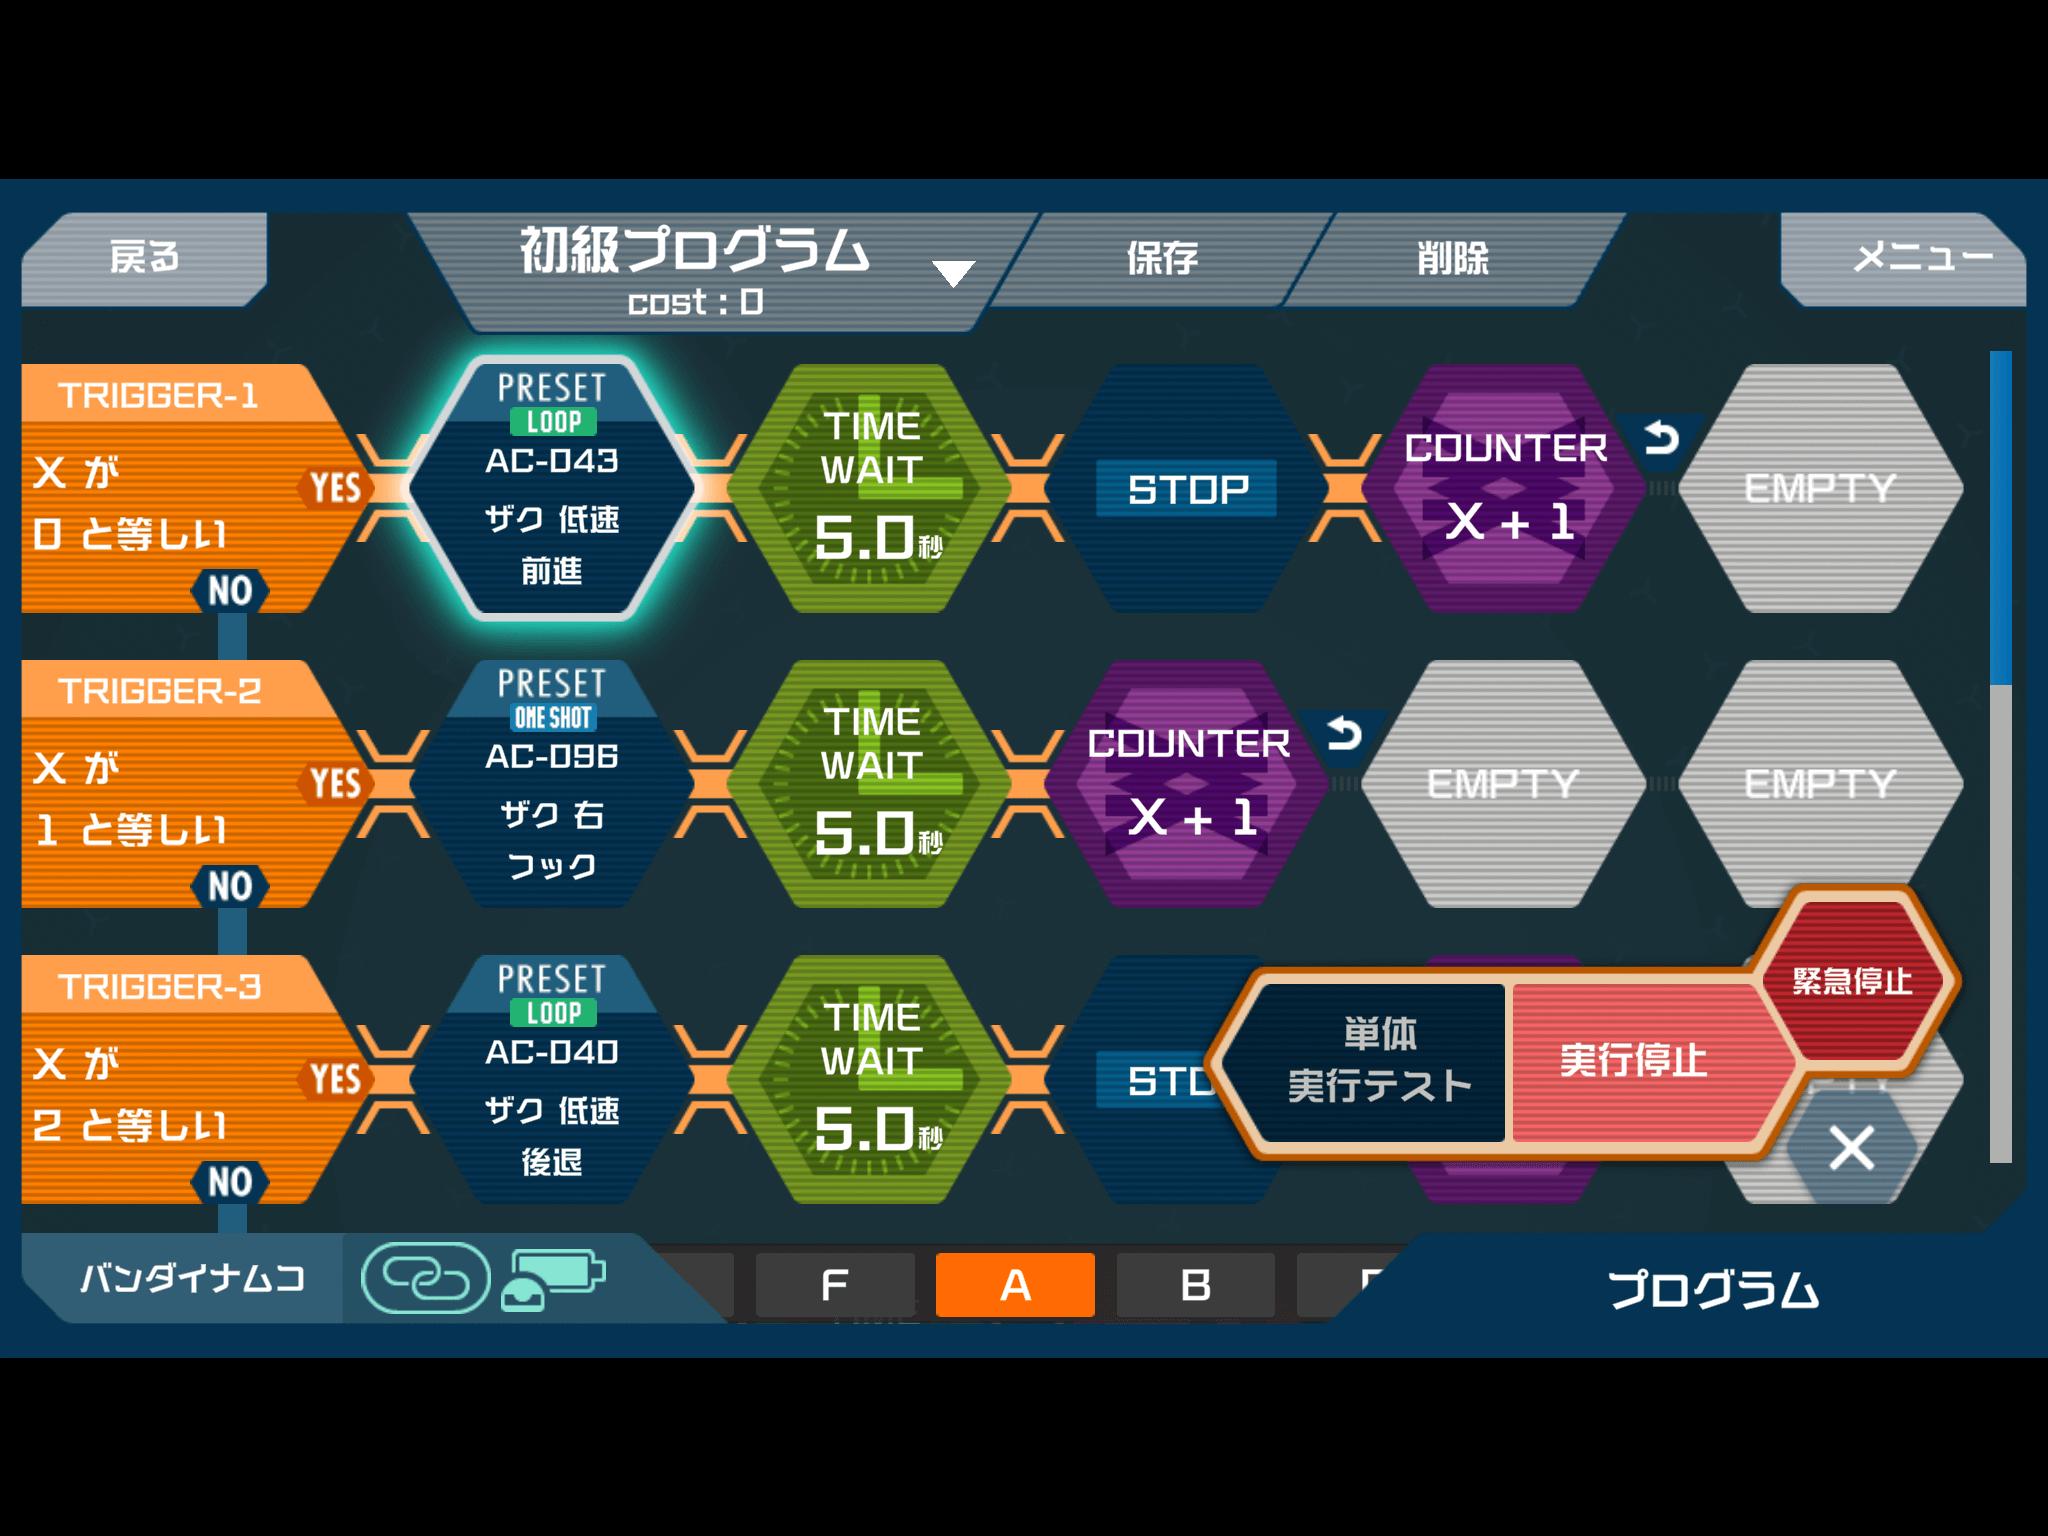 キャプ[621a]